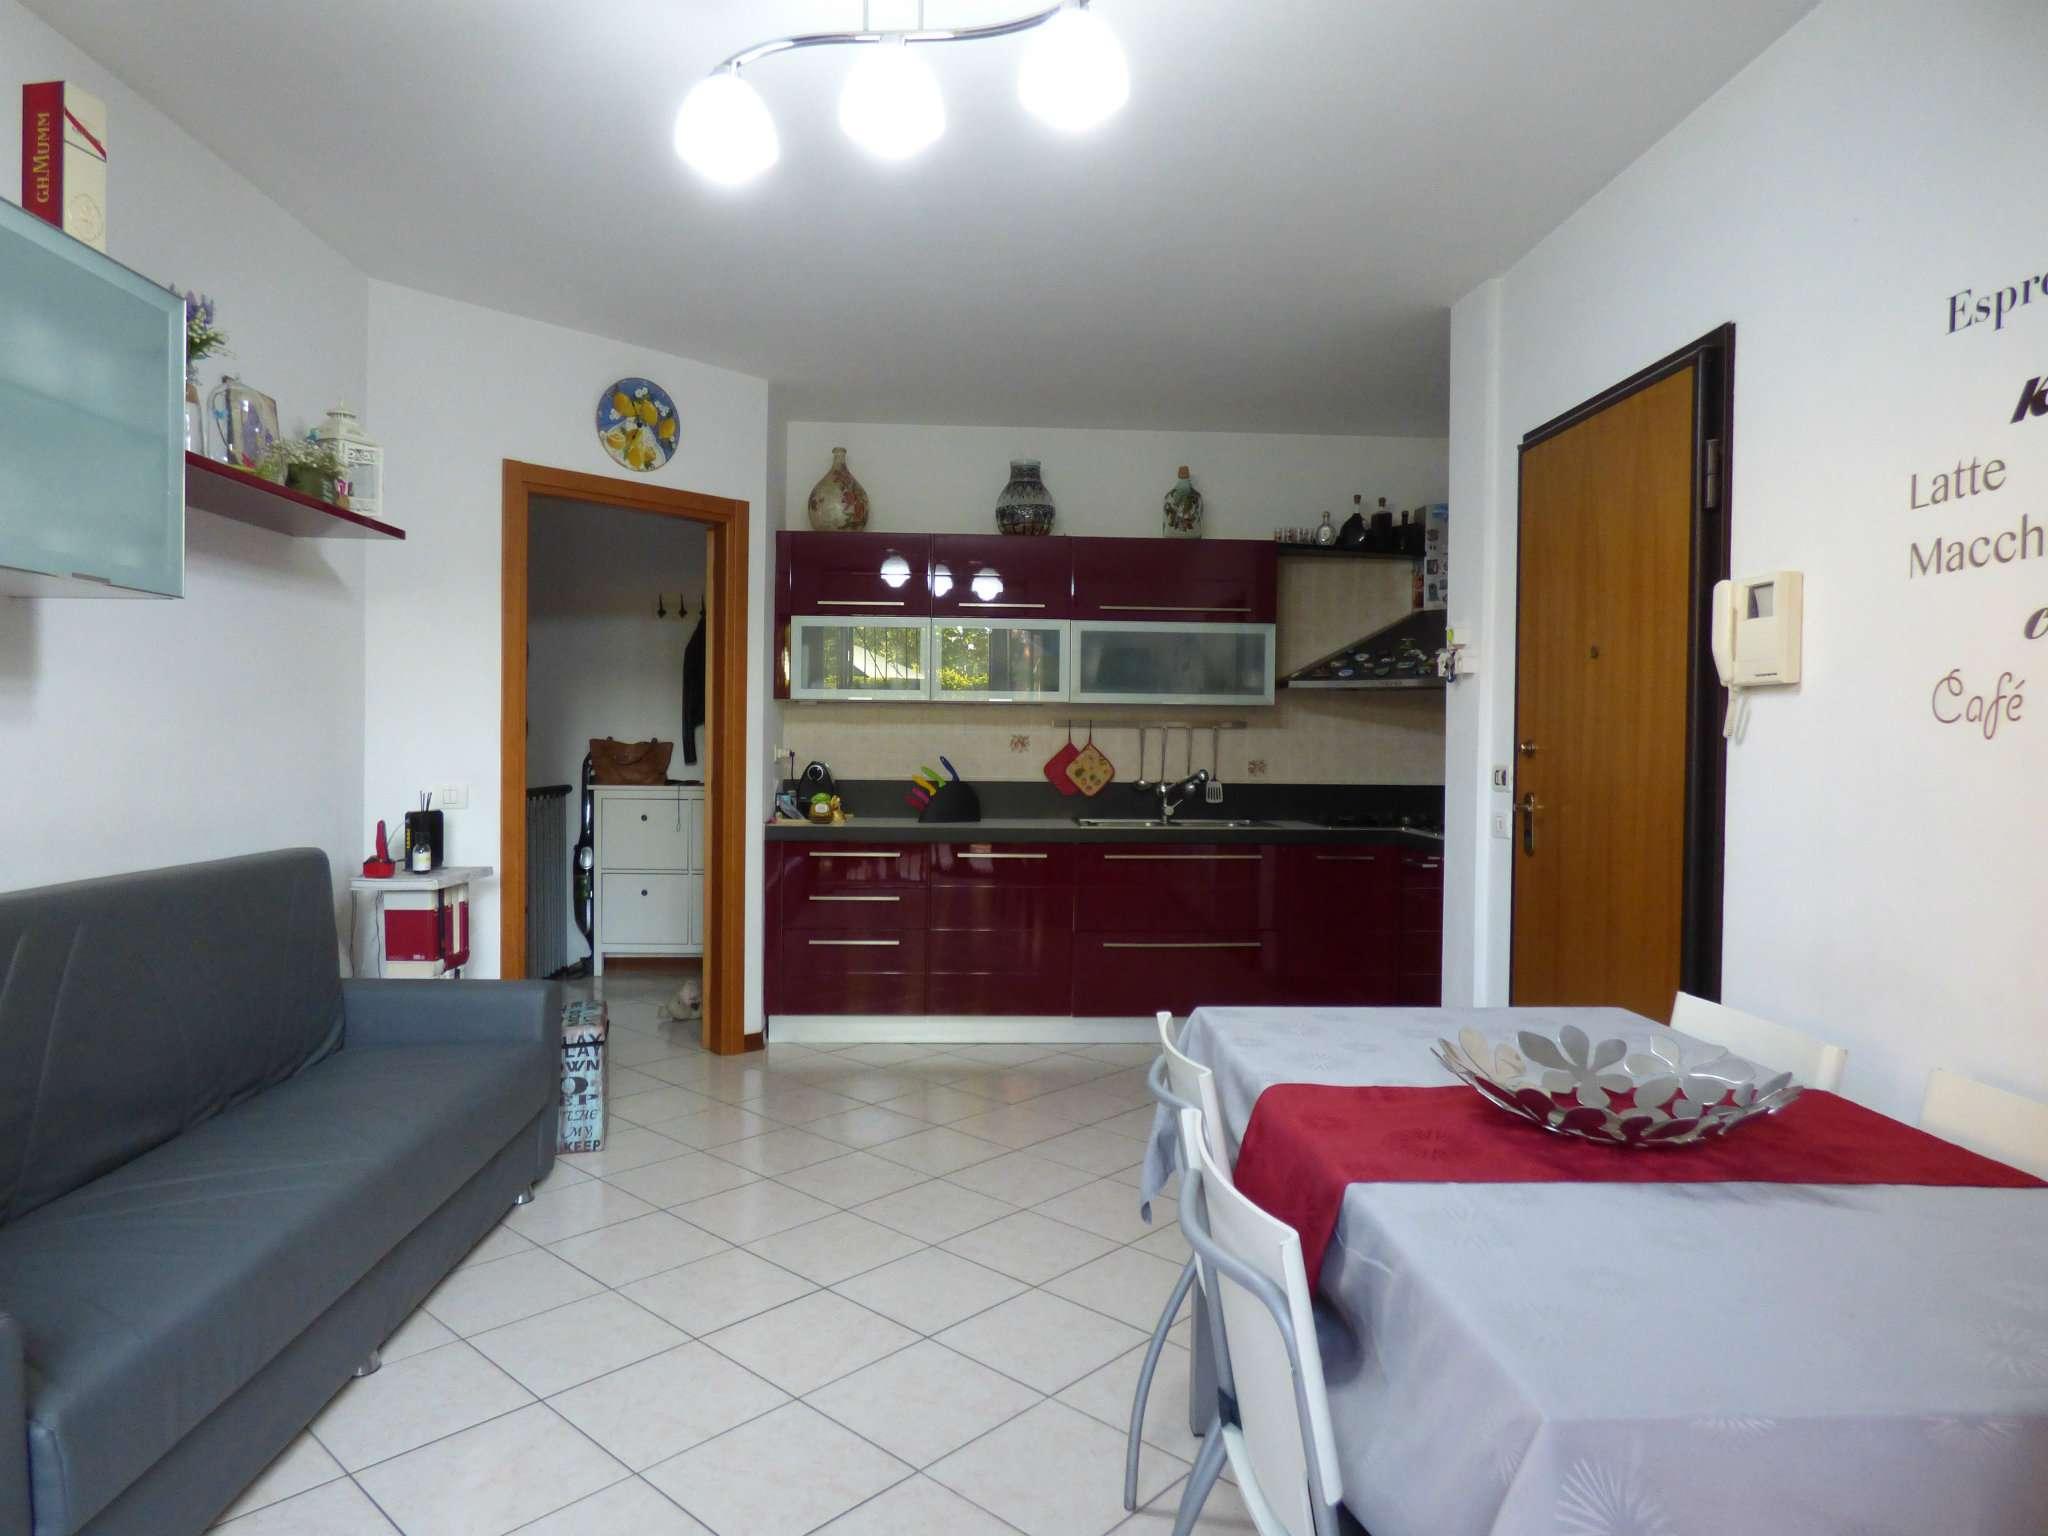 Appartamento in vendita a Borgaro Torinese, 3 locali, prezzo € 154.000 | CambioCasa.it